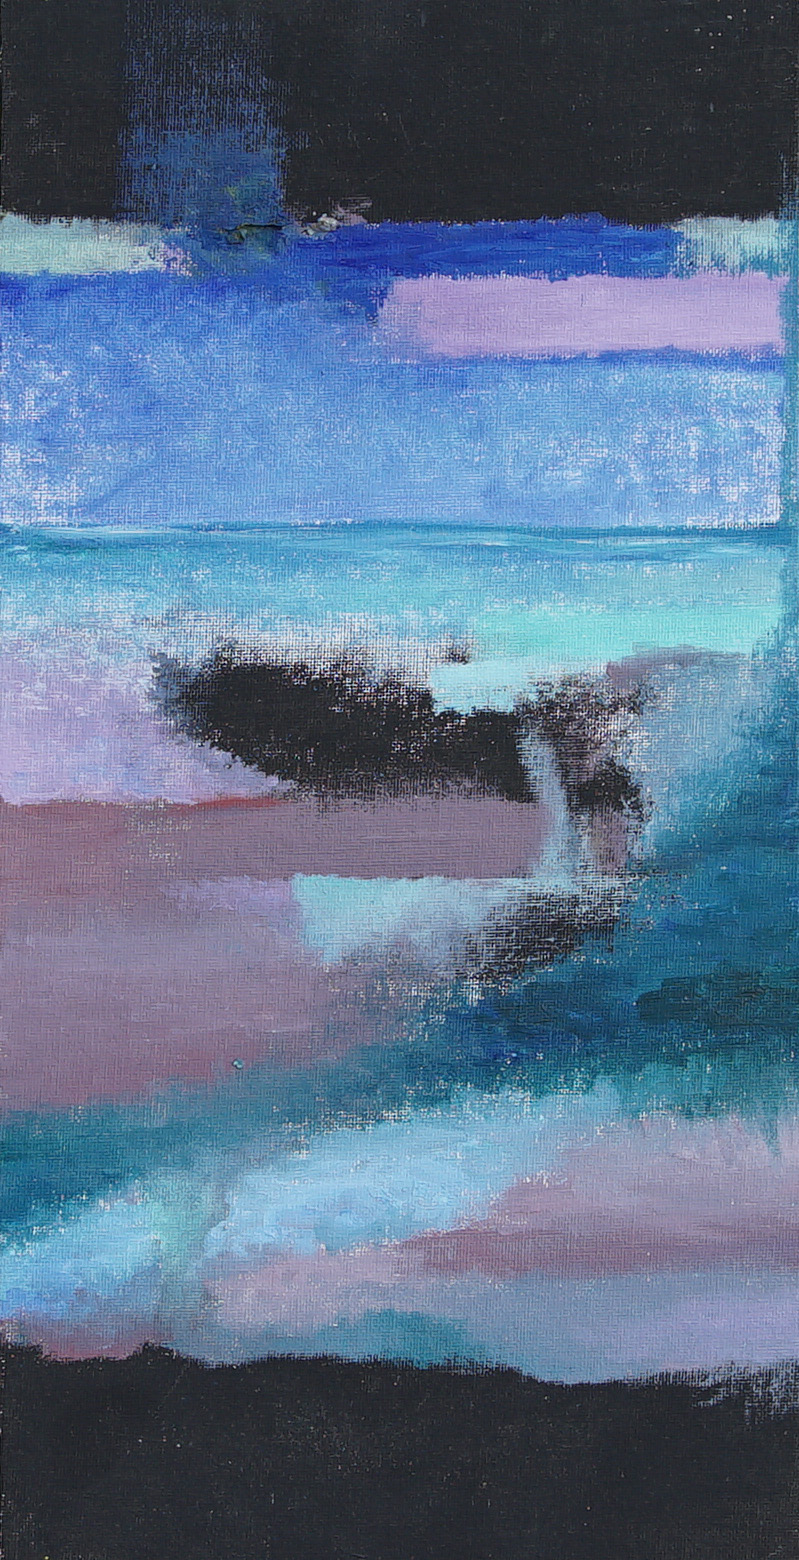 Seaside. Oil on canvas panel.